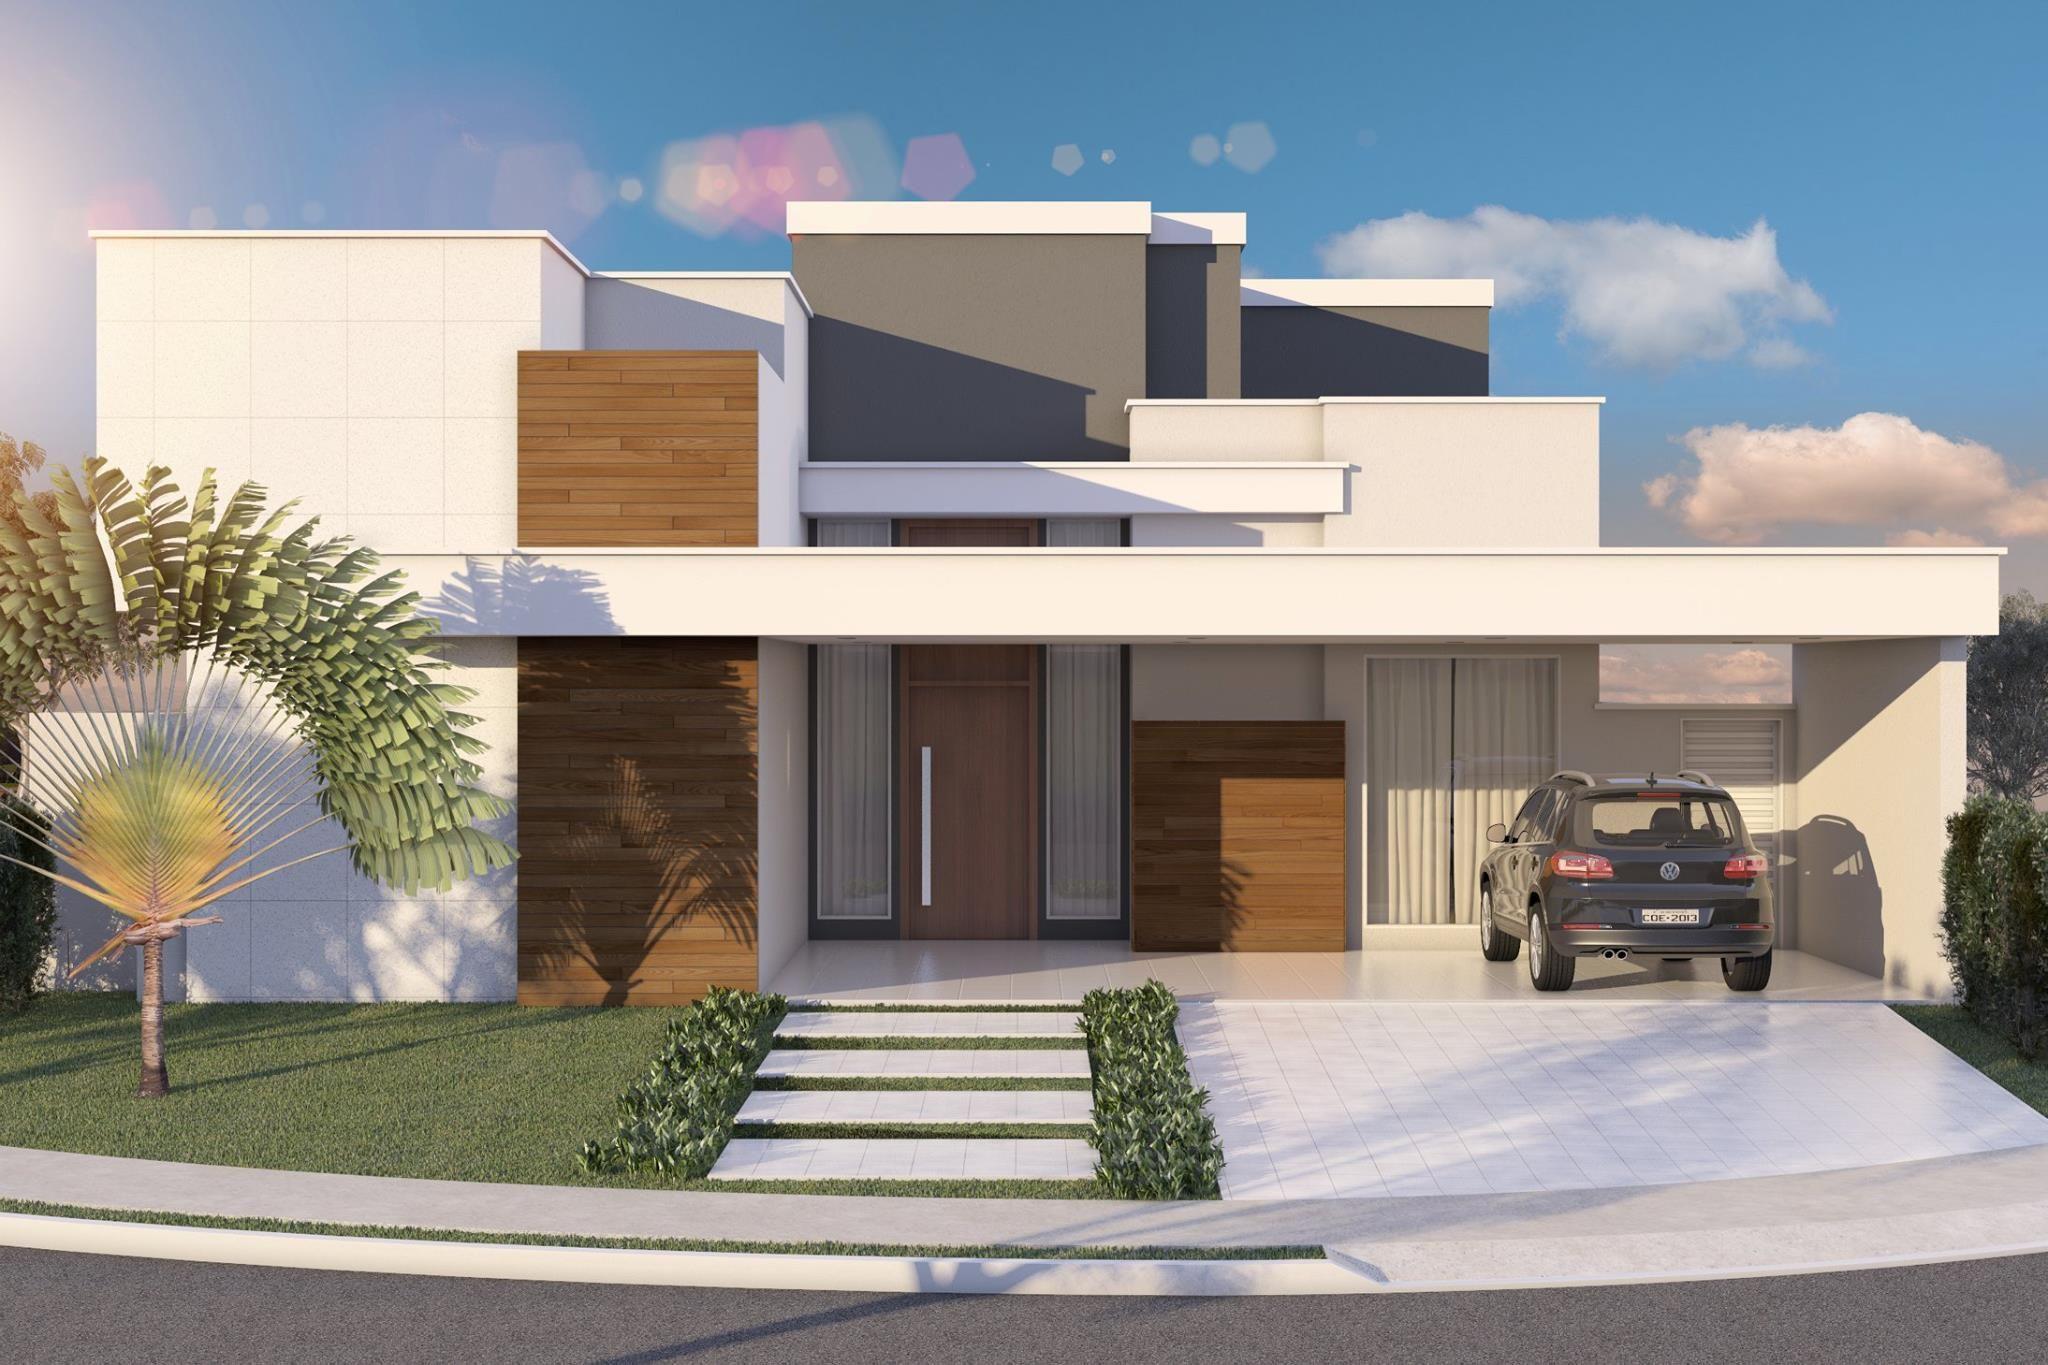 Fachada residencial diurna arquitectura pinterest for Fachadas apartamentos modernos